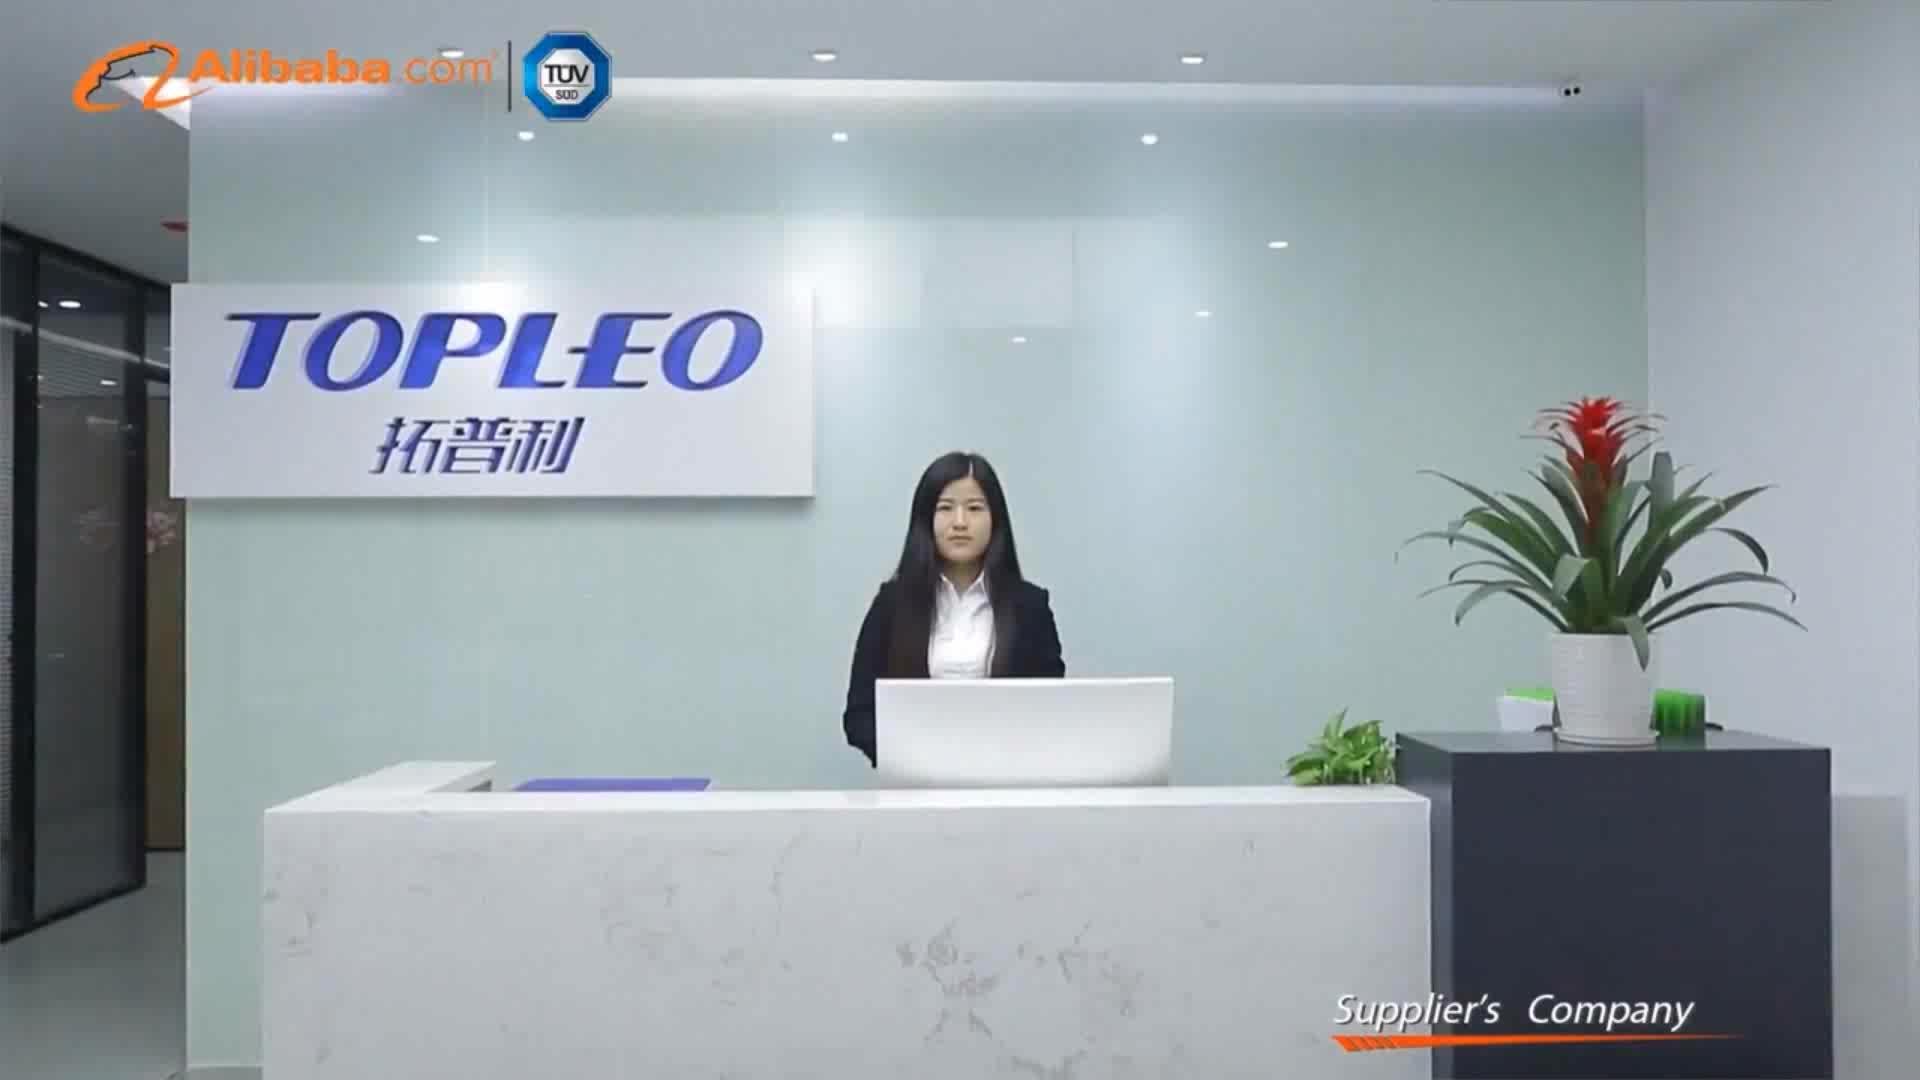 Topleo i96 L windows10 intel industrial 12v Servidor de juegos portátil ventilador apollo lake mini pc